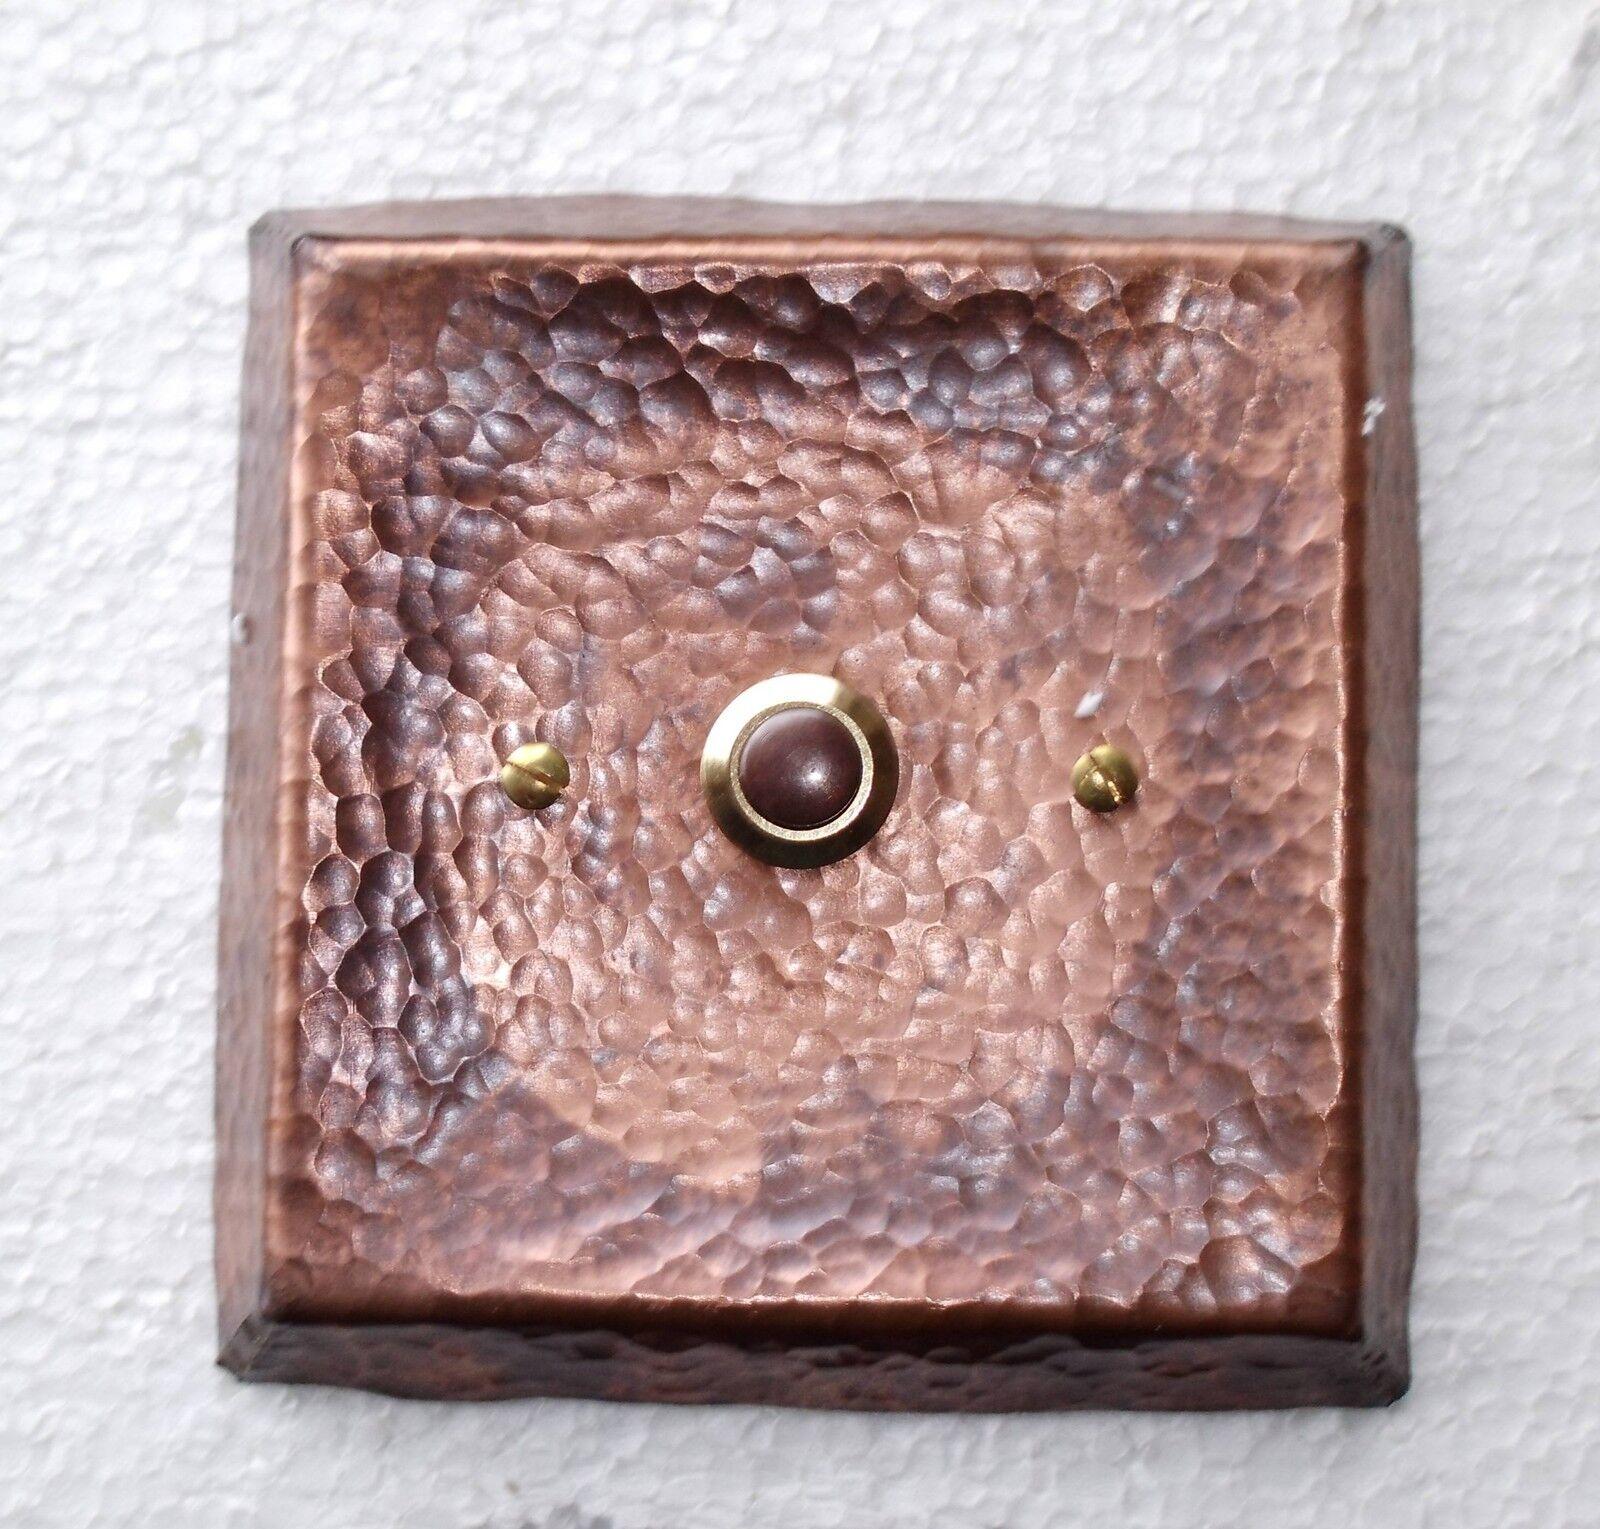 Klingelknopf Klingelplatte Klingeltaster Kupfer NEU Klingel Kupferklingelknopf